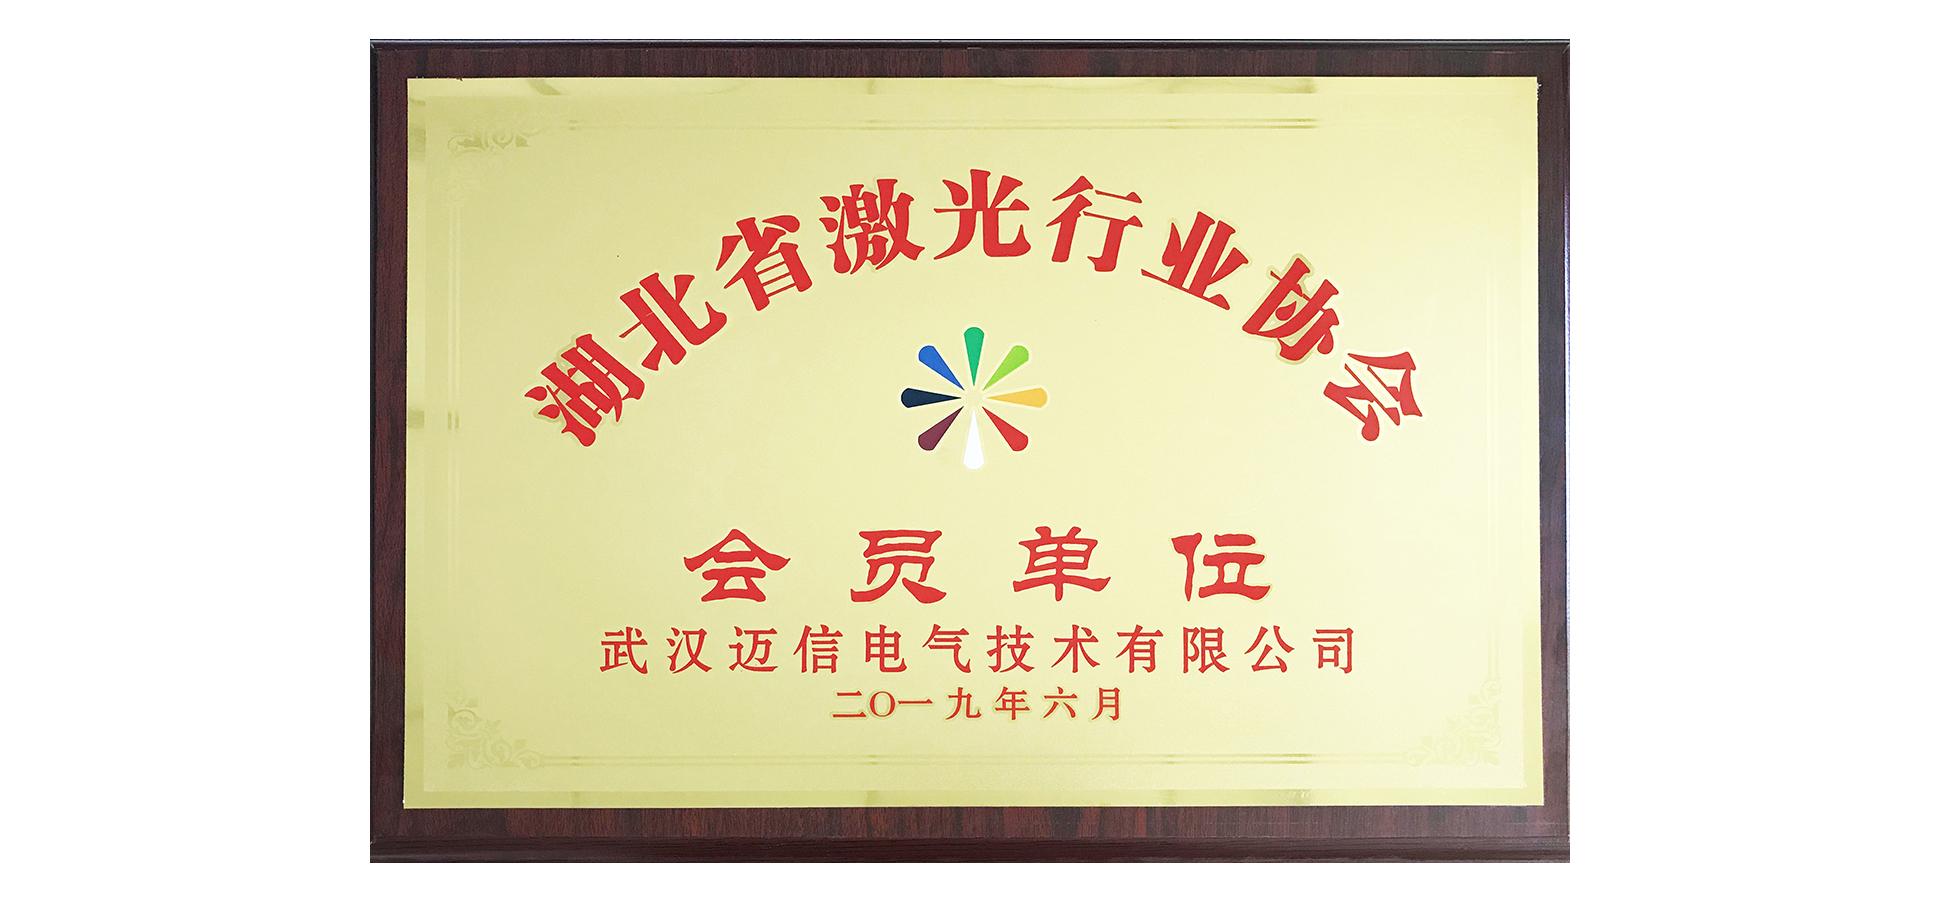 迈信电气受邀加入湖北省激光行业协会